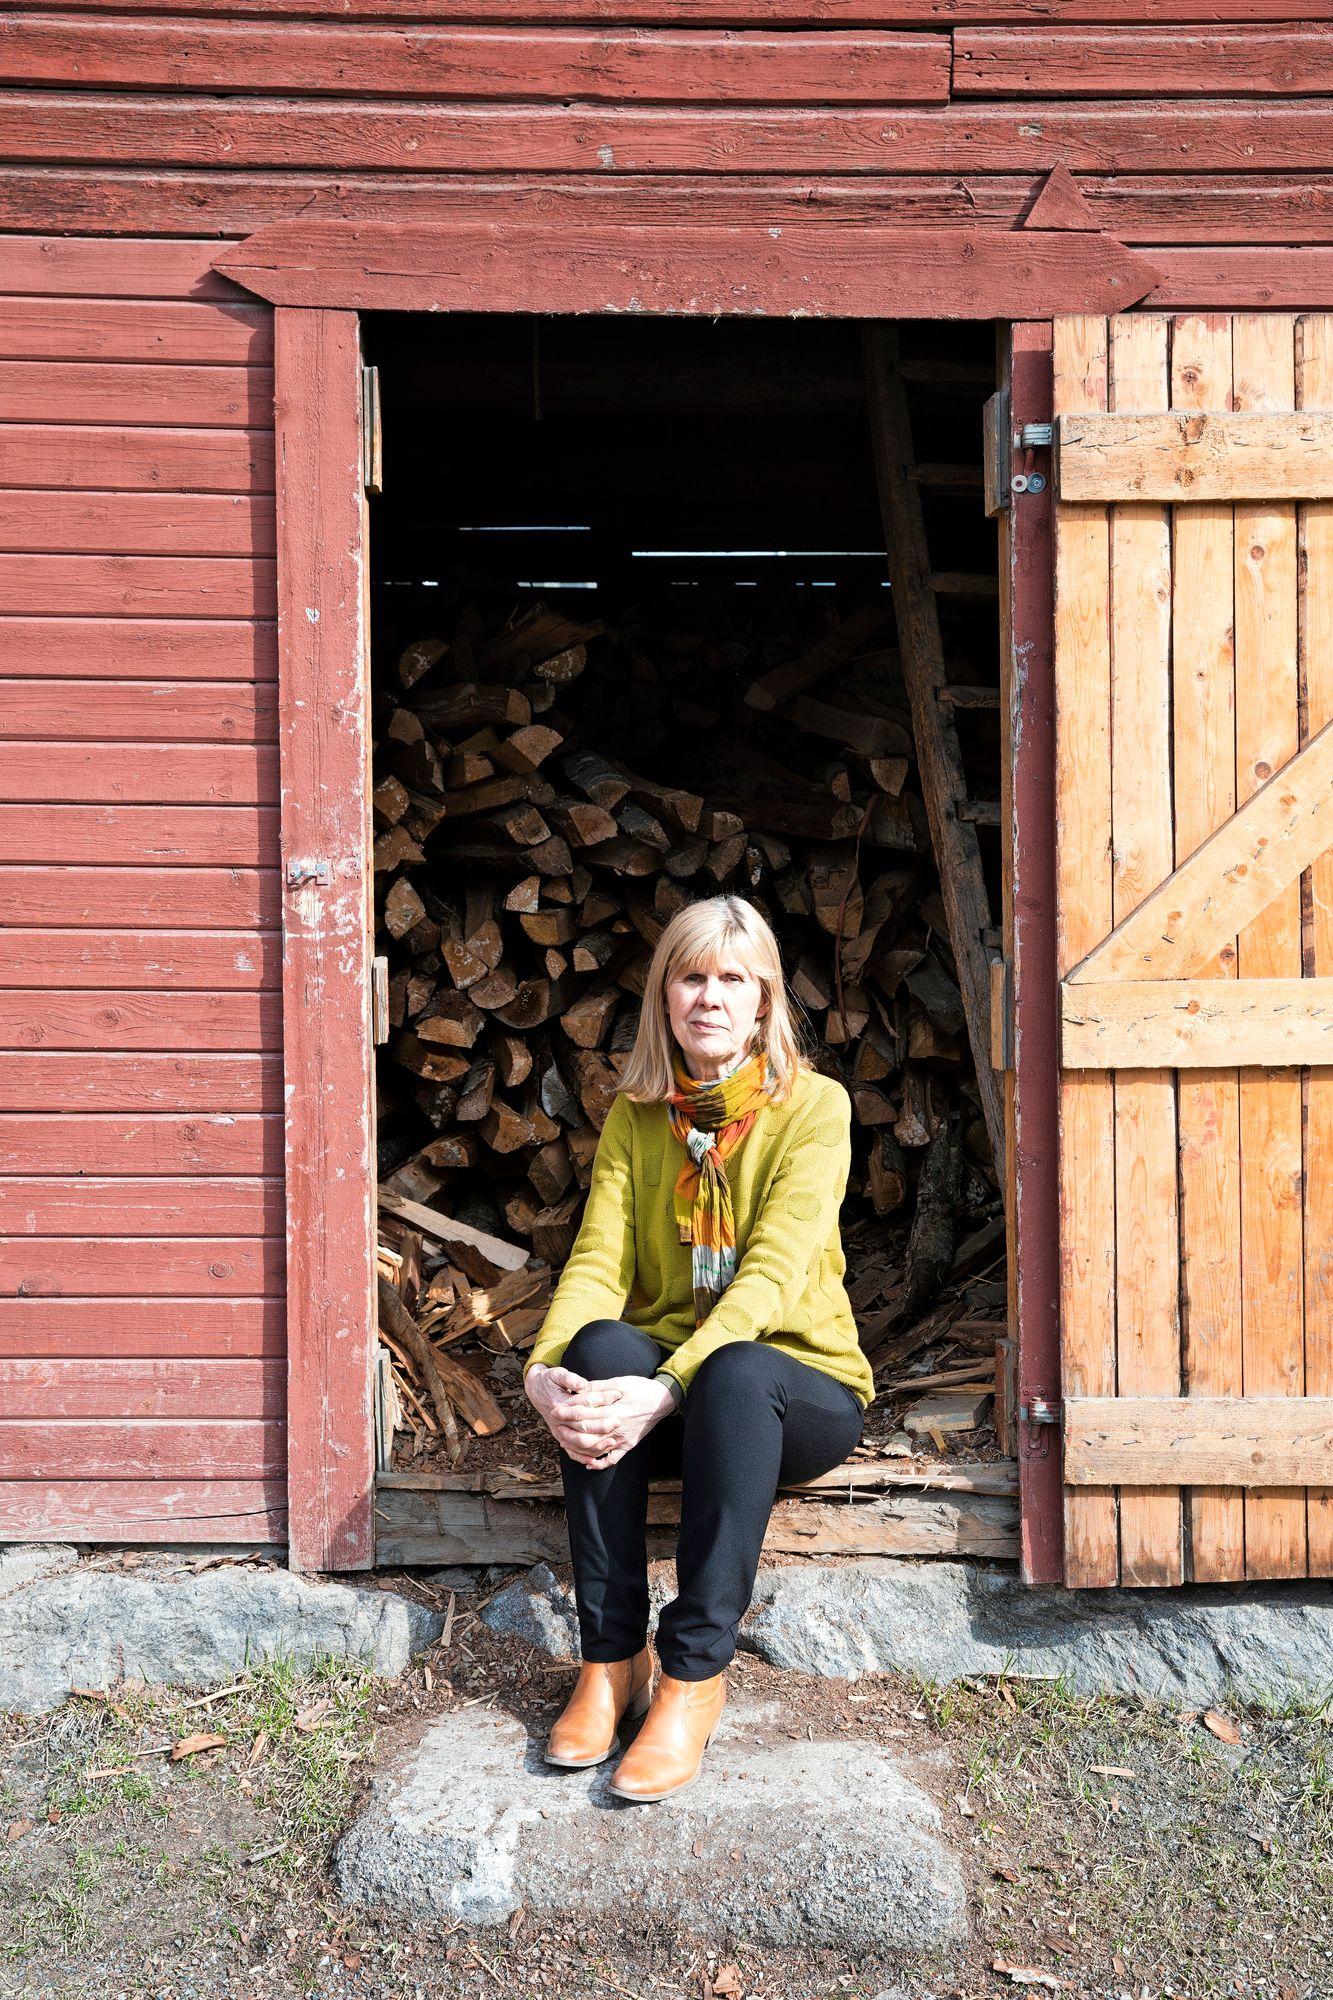 Yrityksen hallituksen jäsen Tuula Pantzar on Hanna Partasen lapsenlapsi. © Riikka Hurri